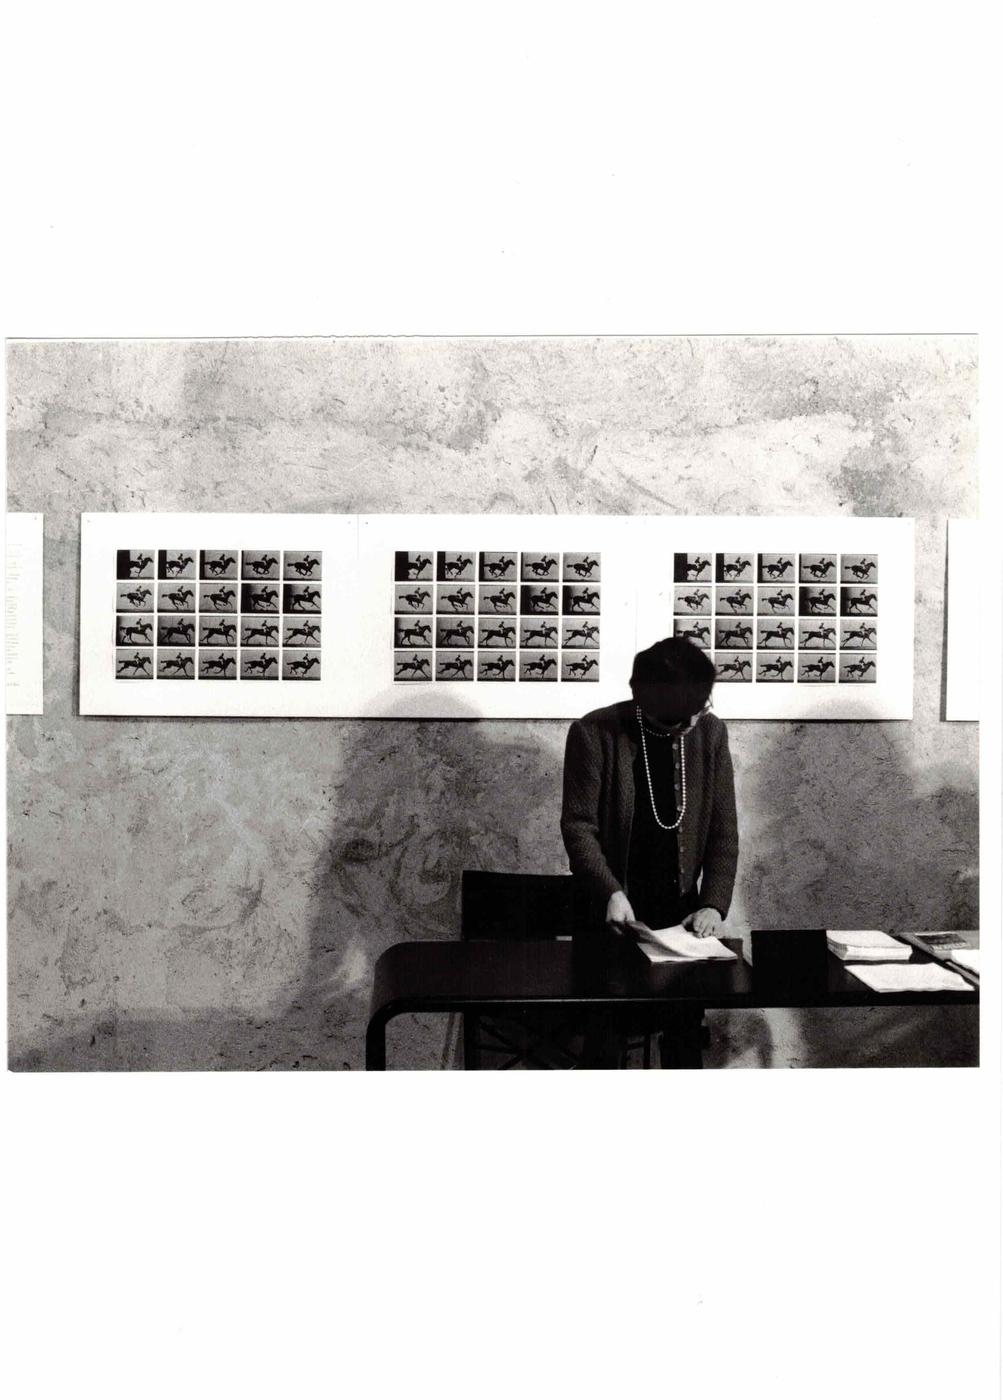 Paola Di Bello, Il circolo virtuoso, Paola Di Bello distribuisce le polaroid